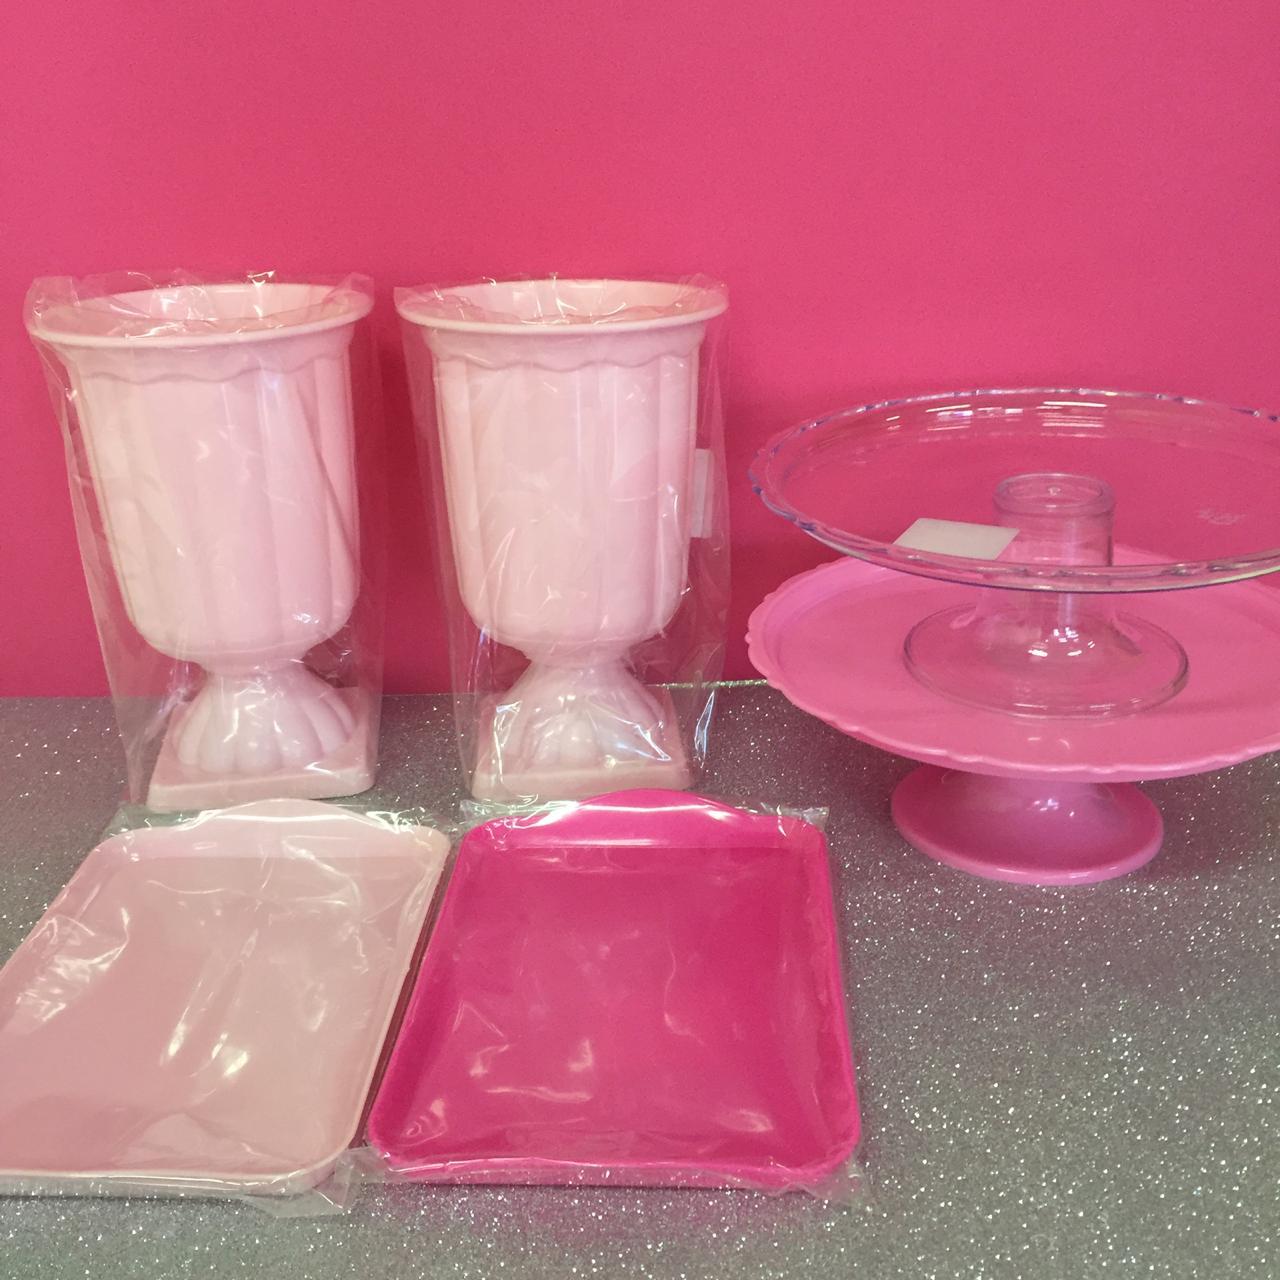 kit decoração de mesa - Boleira + Bandeja + Vaso grego - 2 de cada